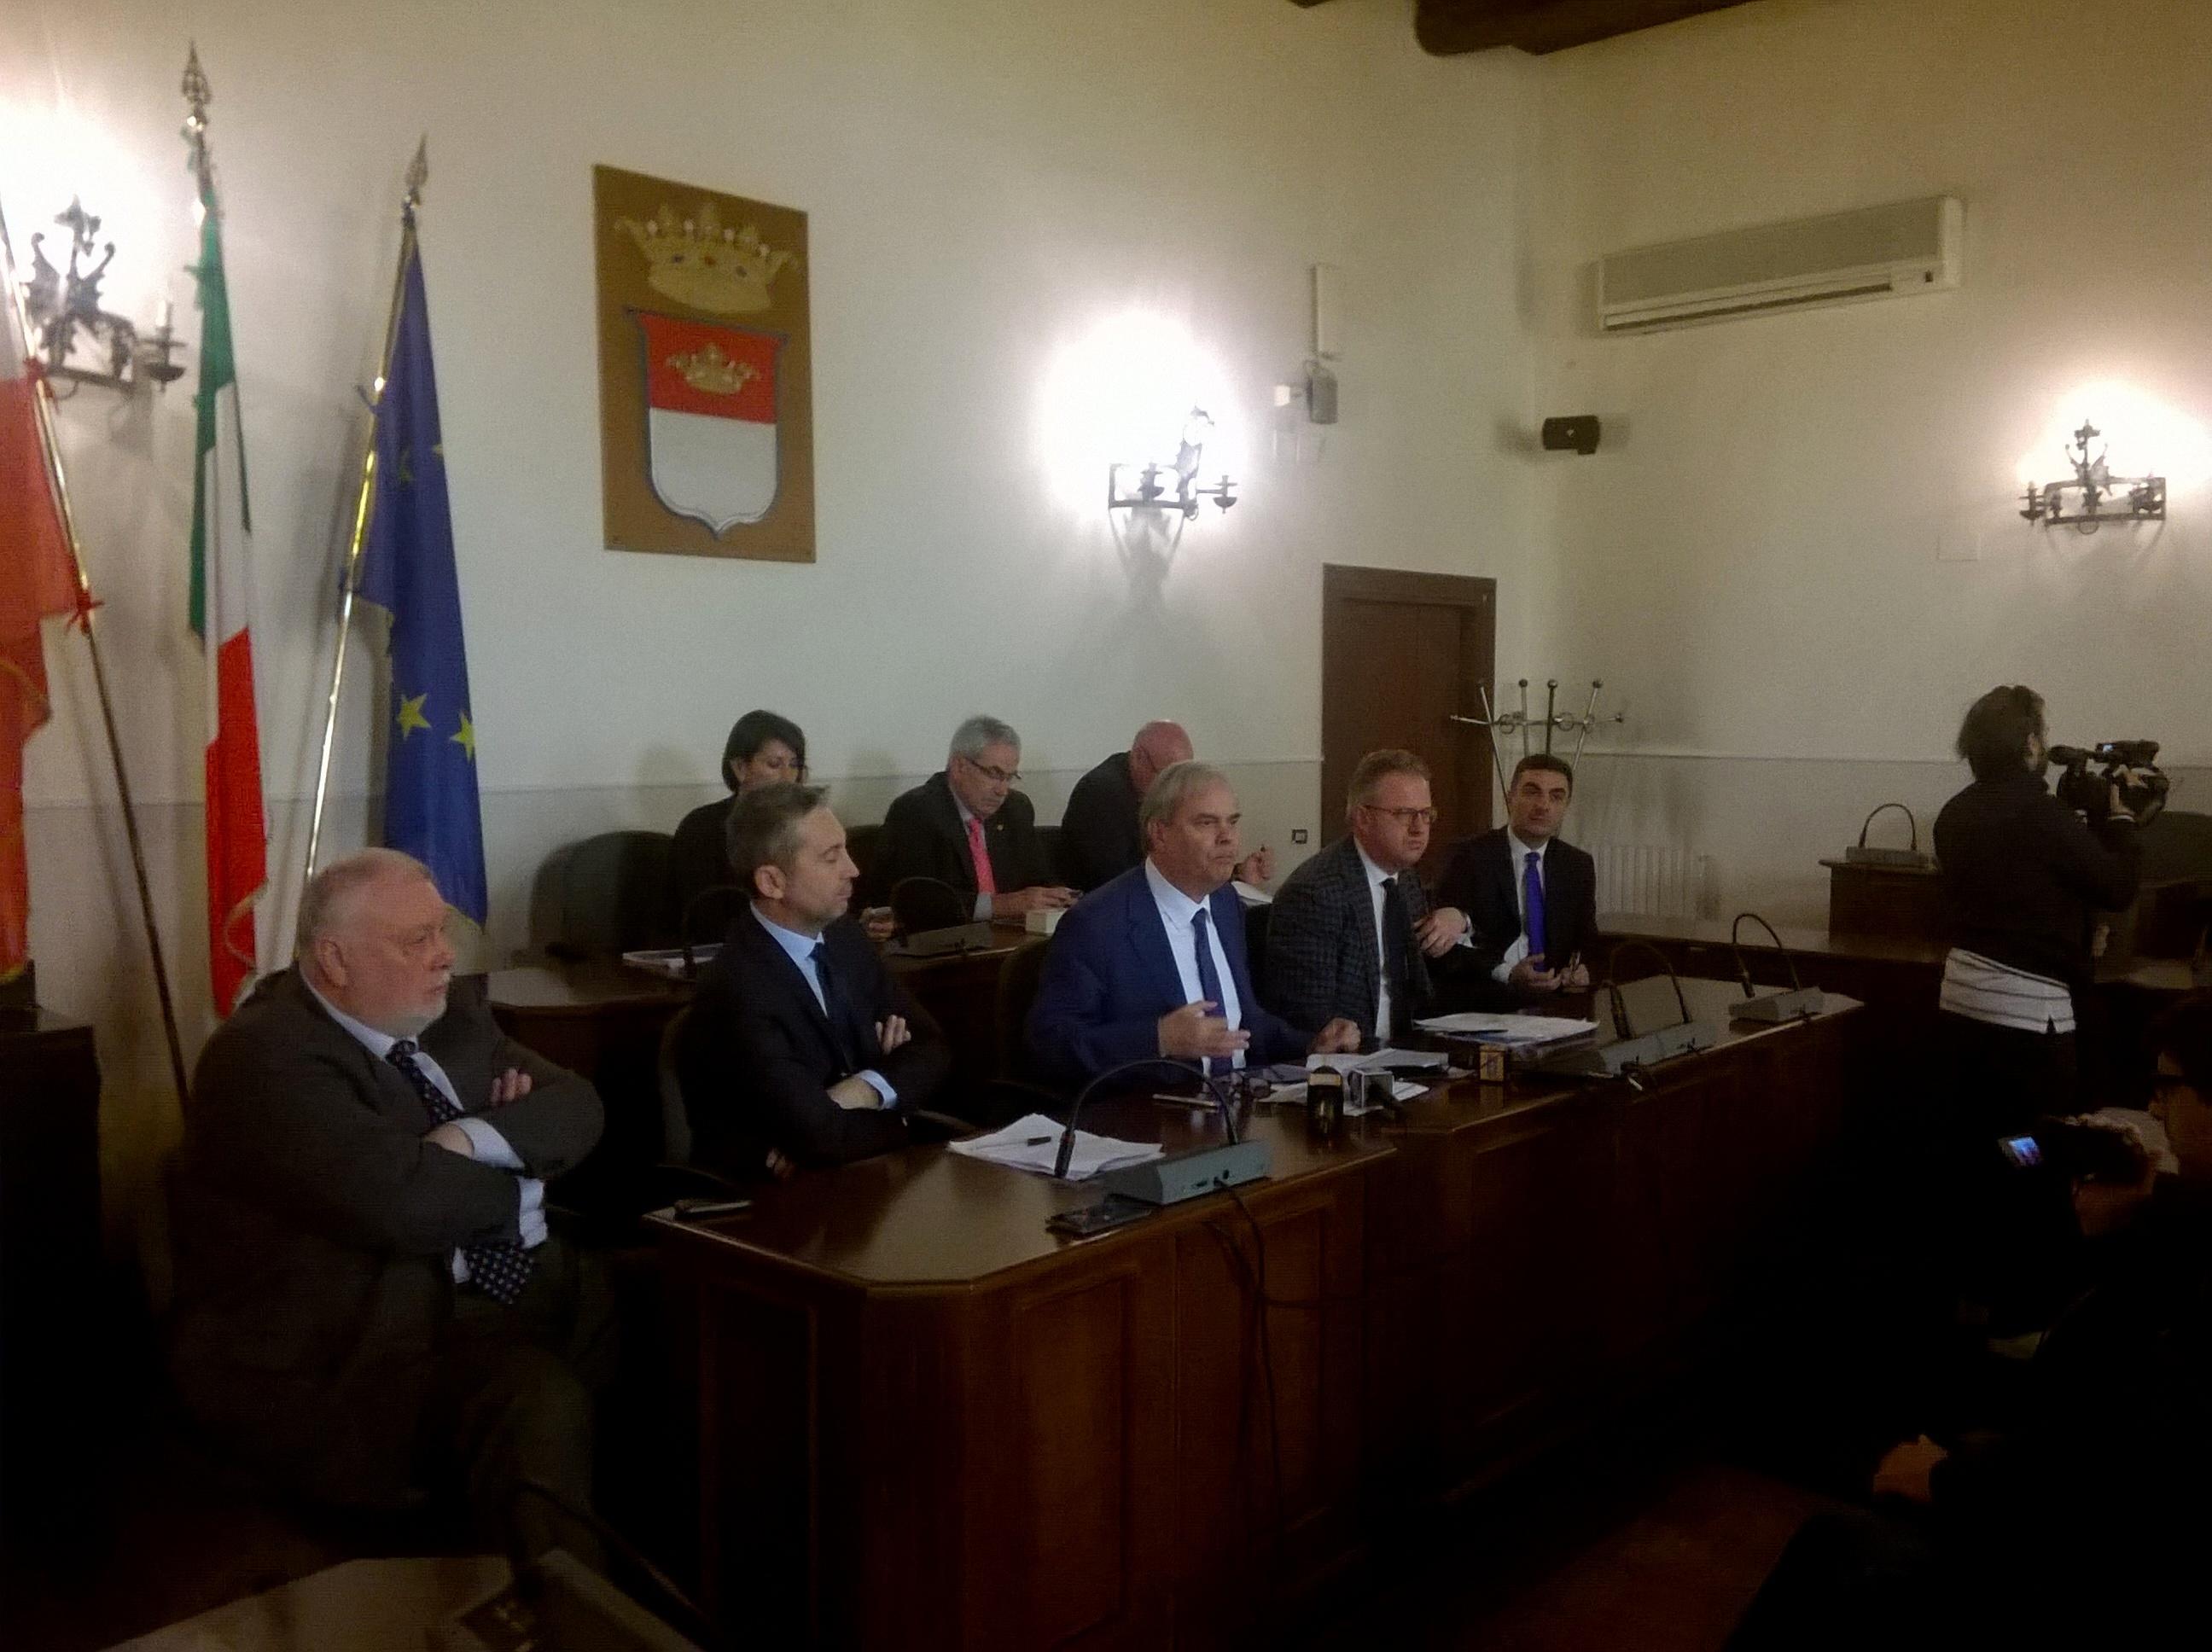 Alla Rocca riunione dei presidenti Province di Campania, Basilicata e Molise